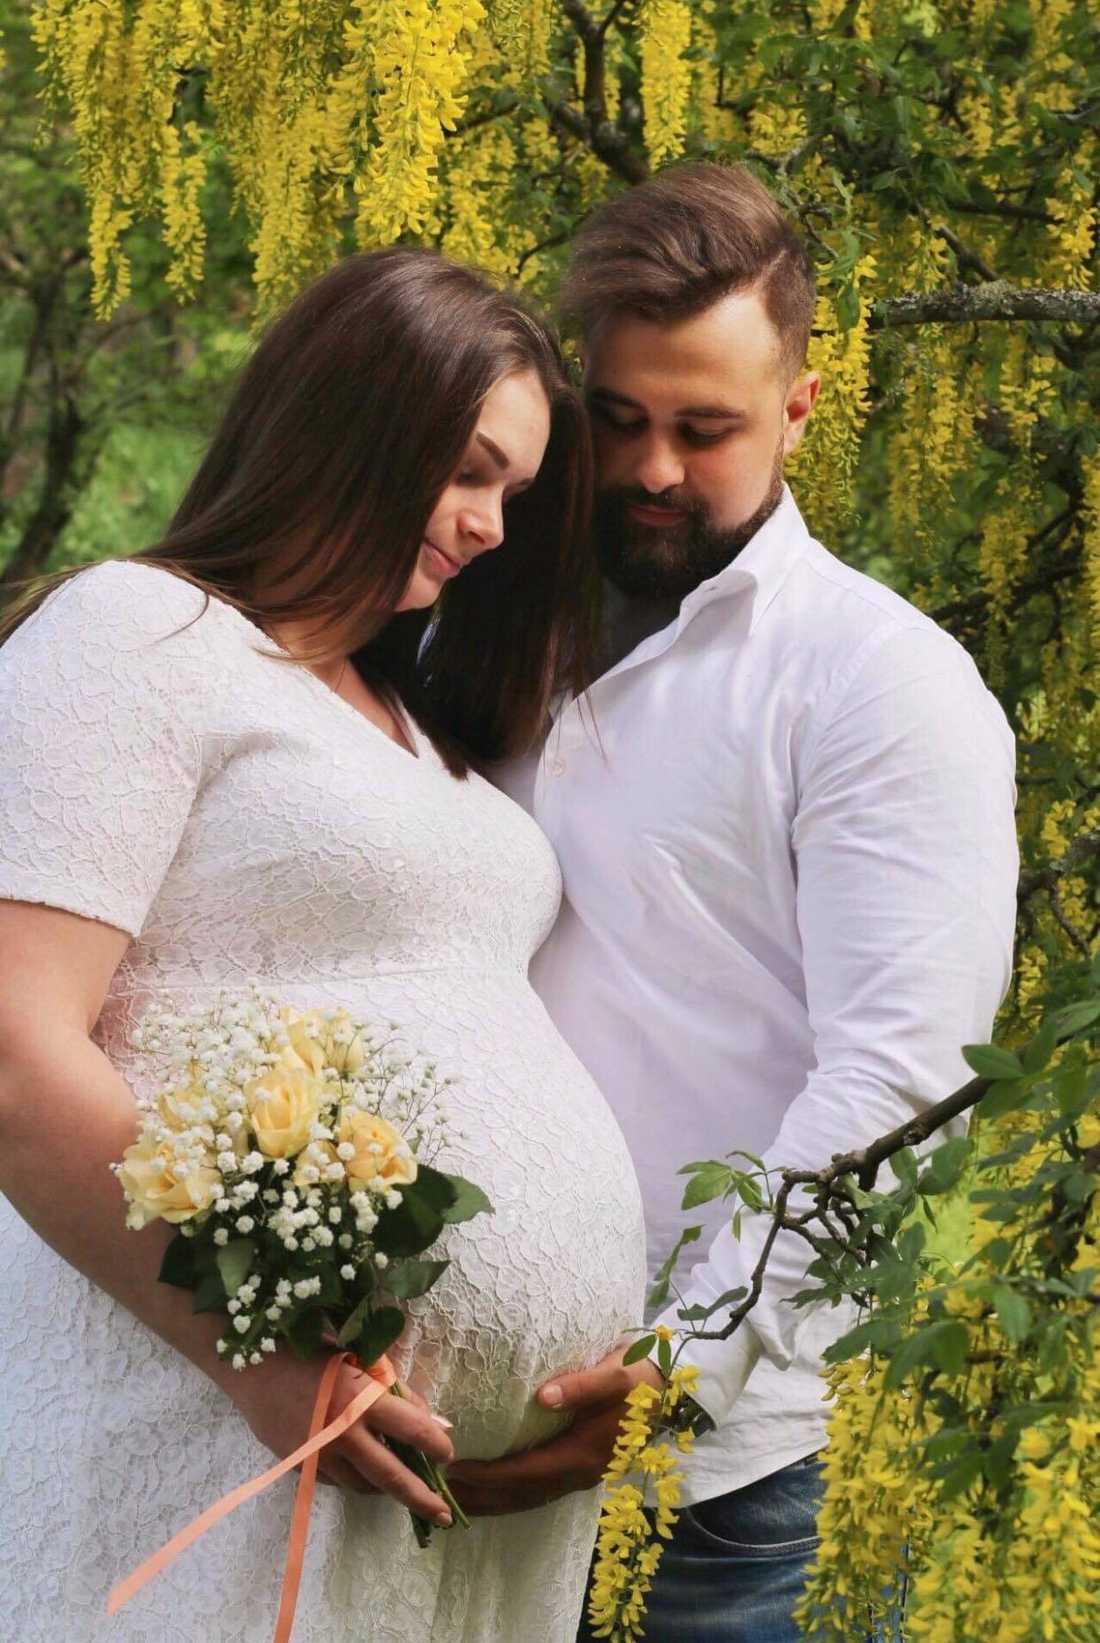 Emellie och Robert berättar om sina tankar kring sex innan och efter de fick barn.